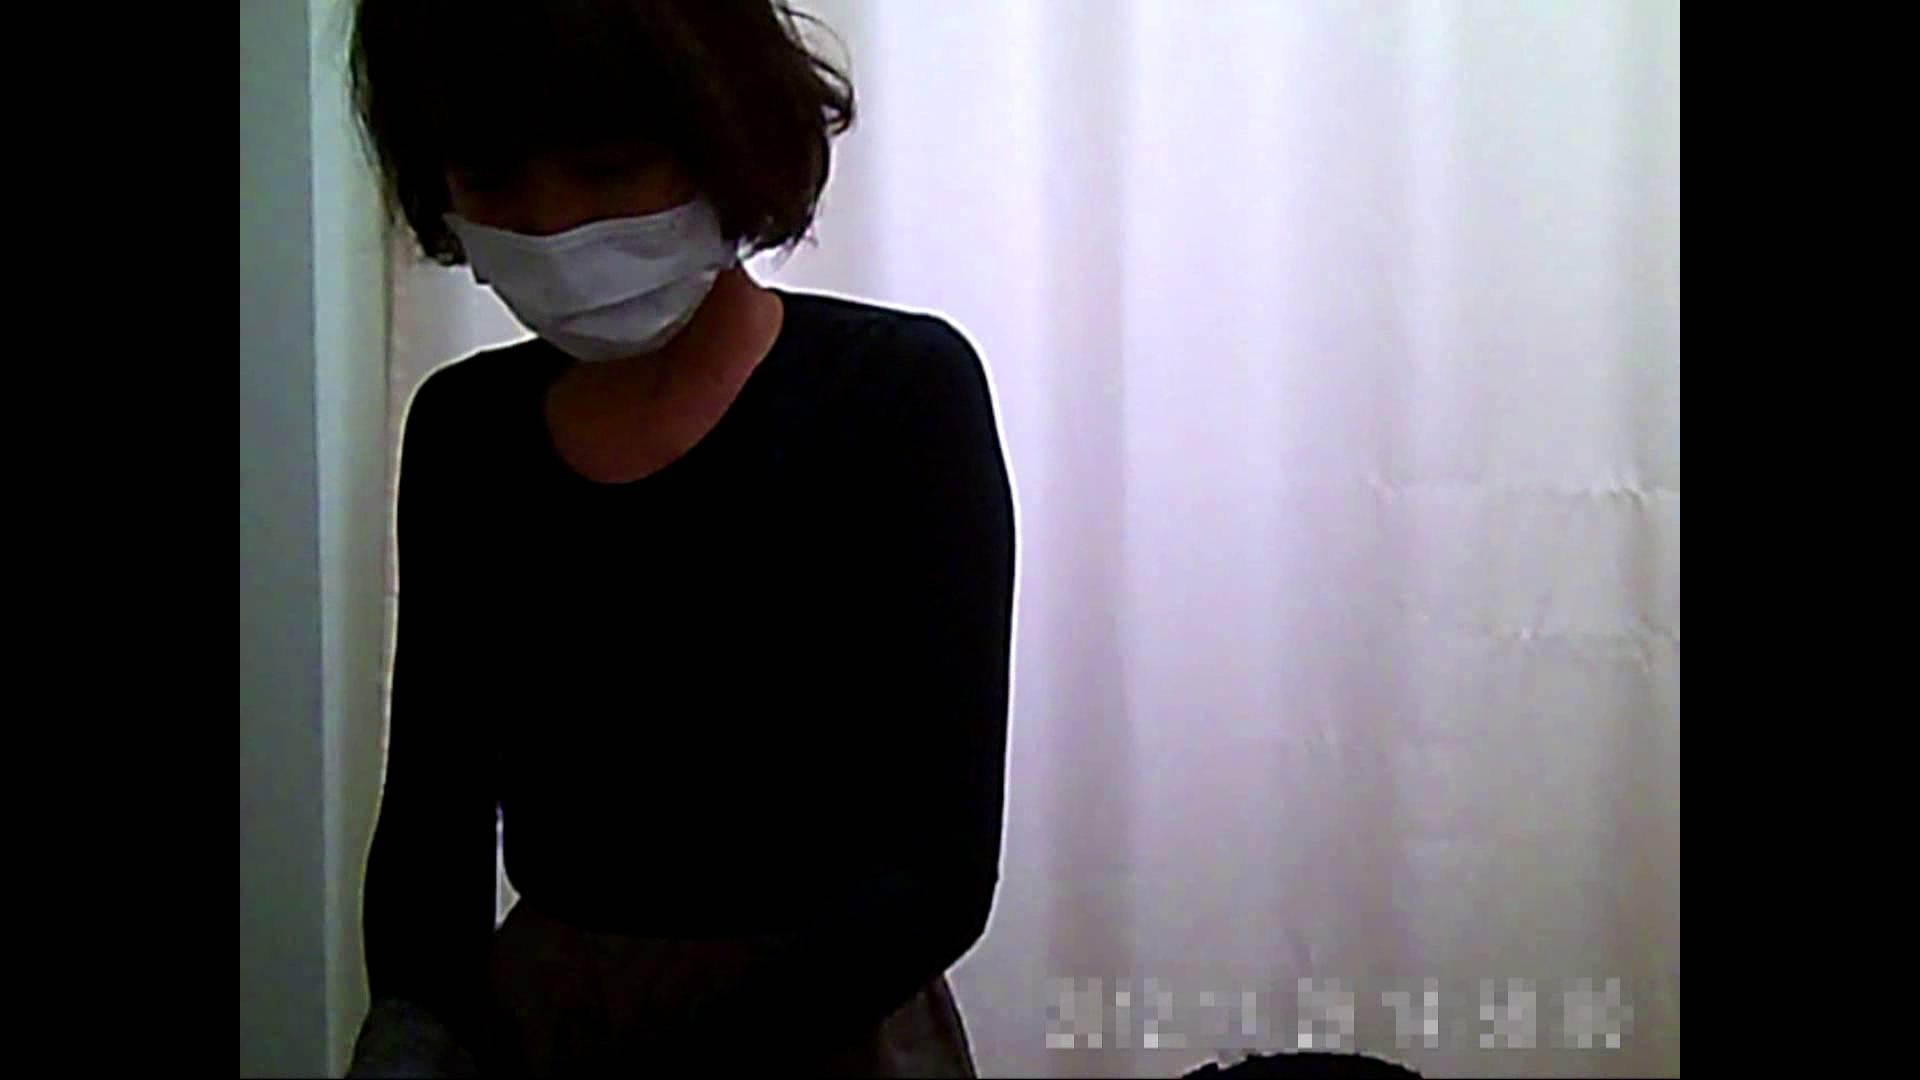 元医者による反抗 更衣室地獄絵巻 vol.132 OL  65pic 58